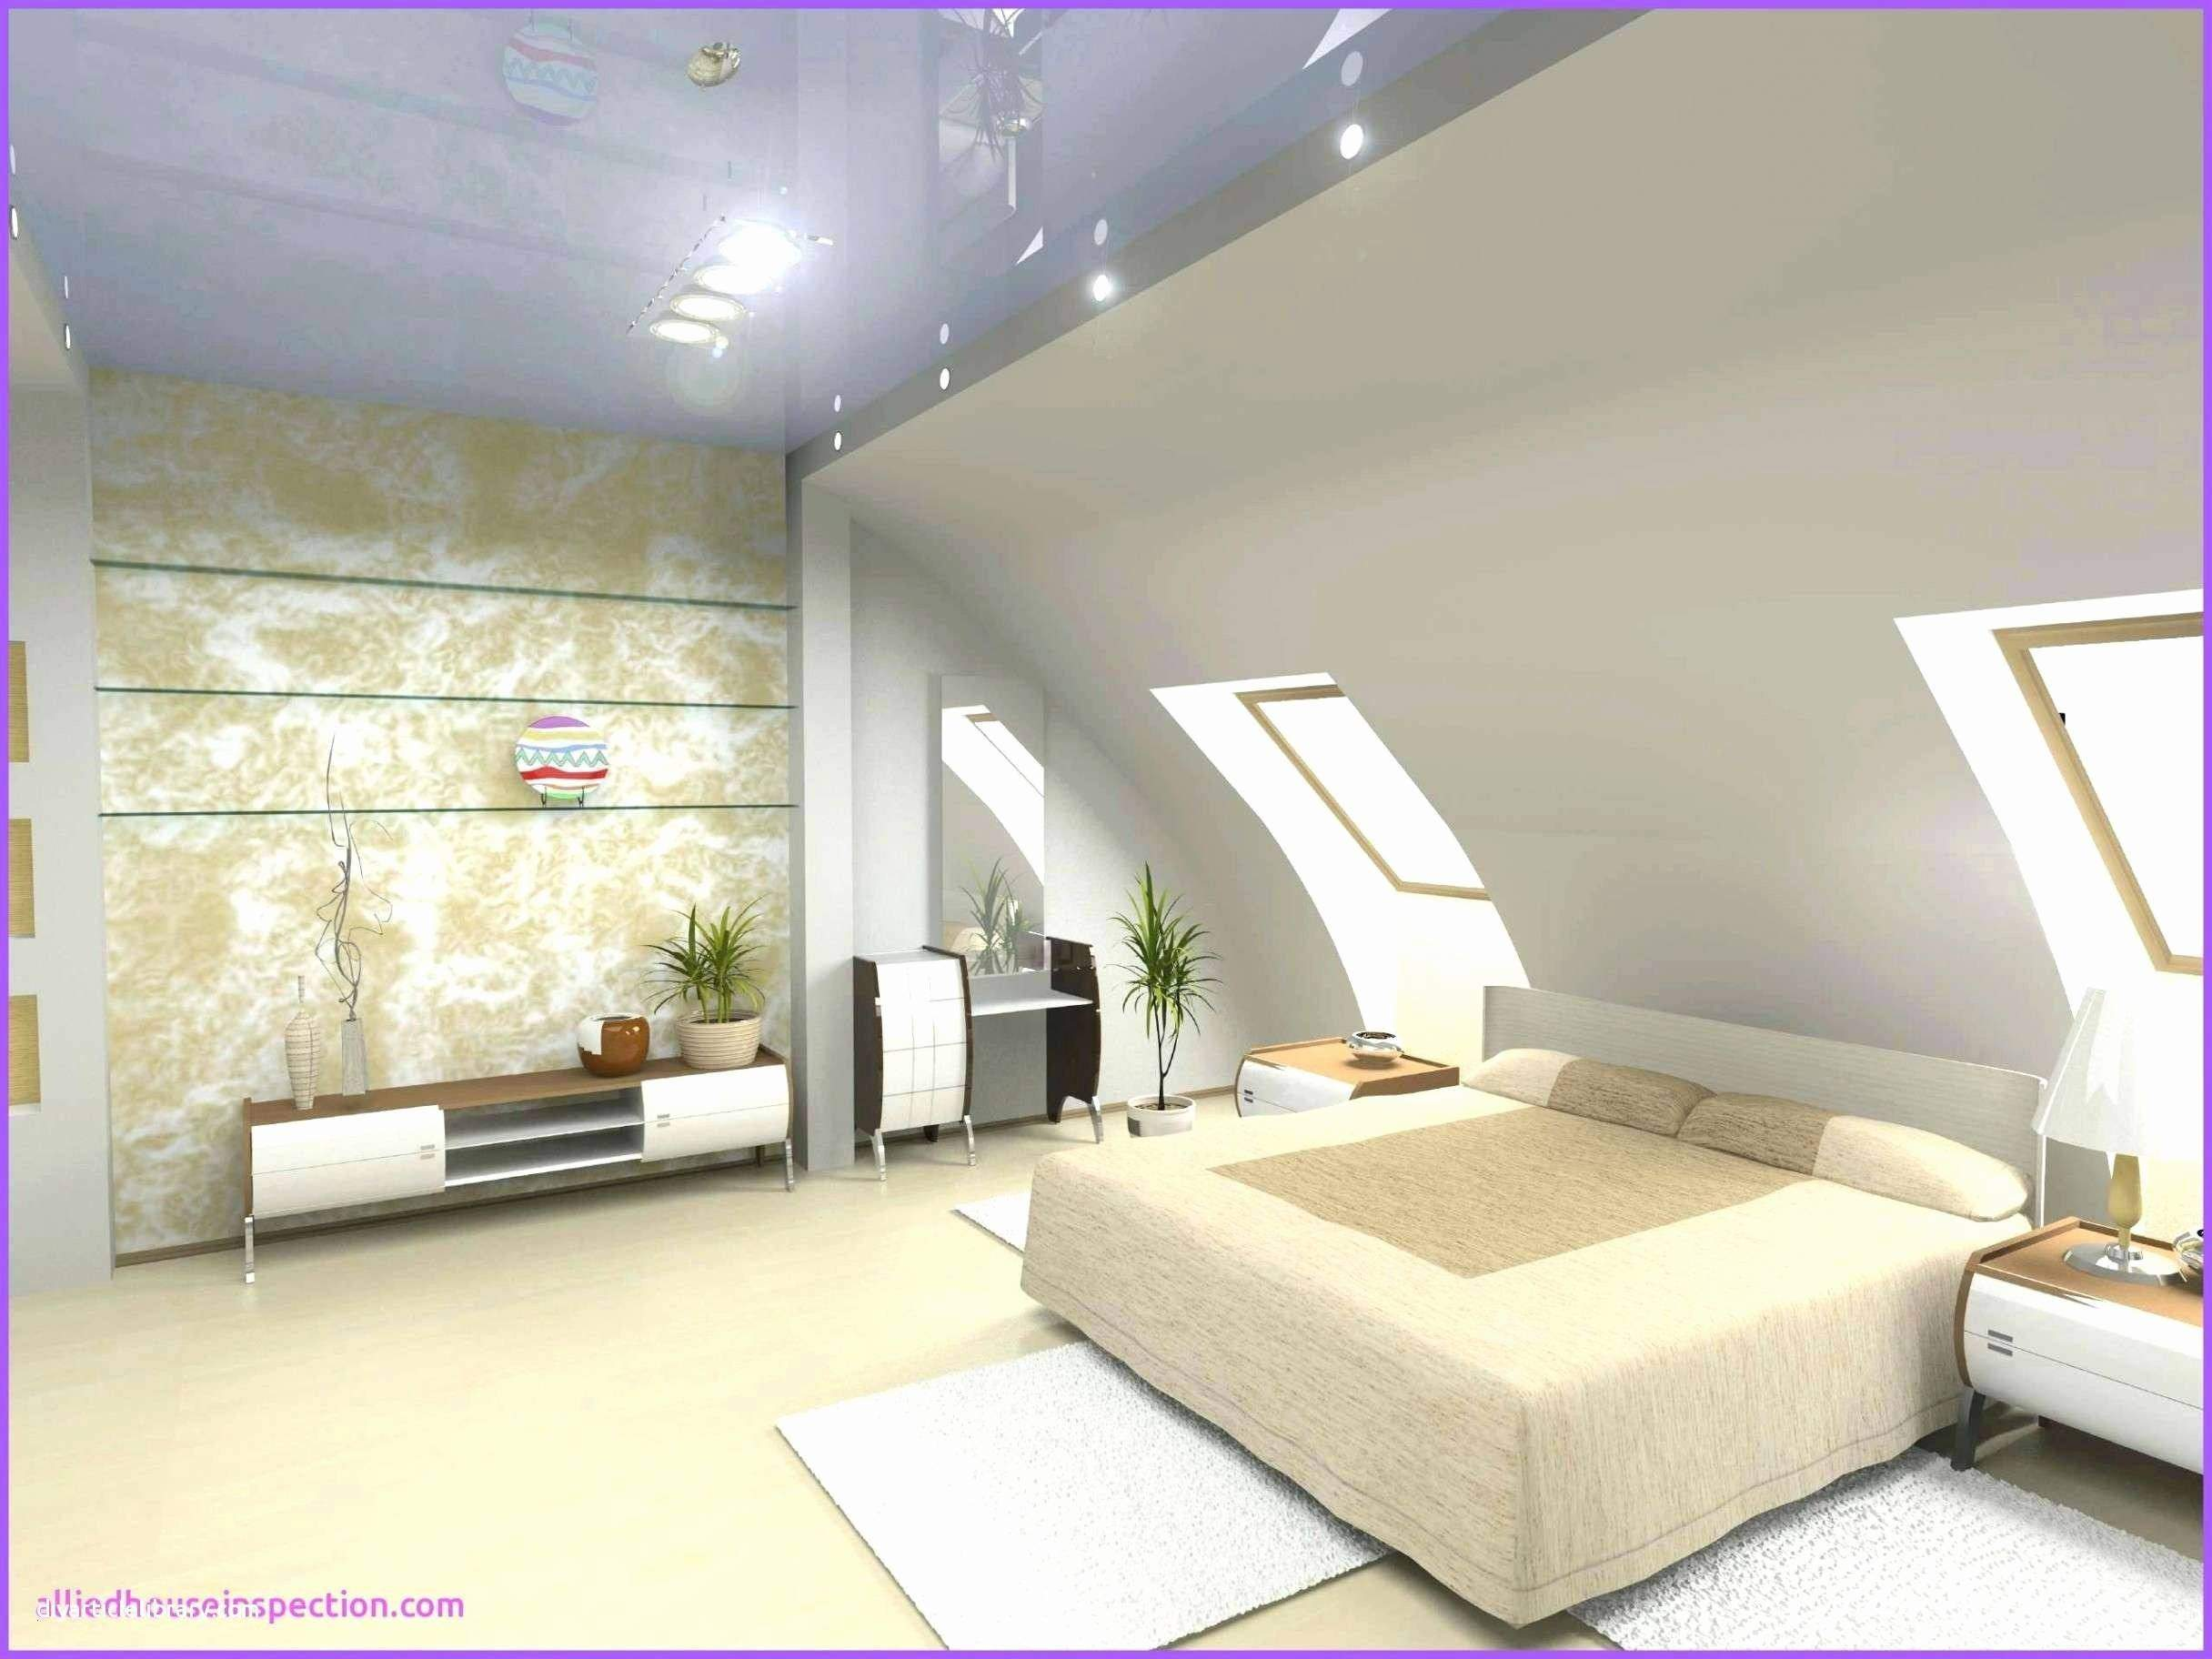 Full Size of Stehlampe Wohnzimmer Luxus 37 Schn Modern Modernes Bett Moderne Deckenleuchte Bilder Fürs Küche Holz Esstische Schlafzimmer Tapete 180x200 Deckenlampen Weiss Wohnzimmer Stehlampe Modern